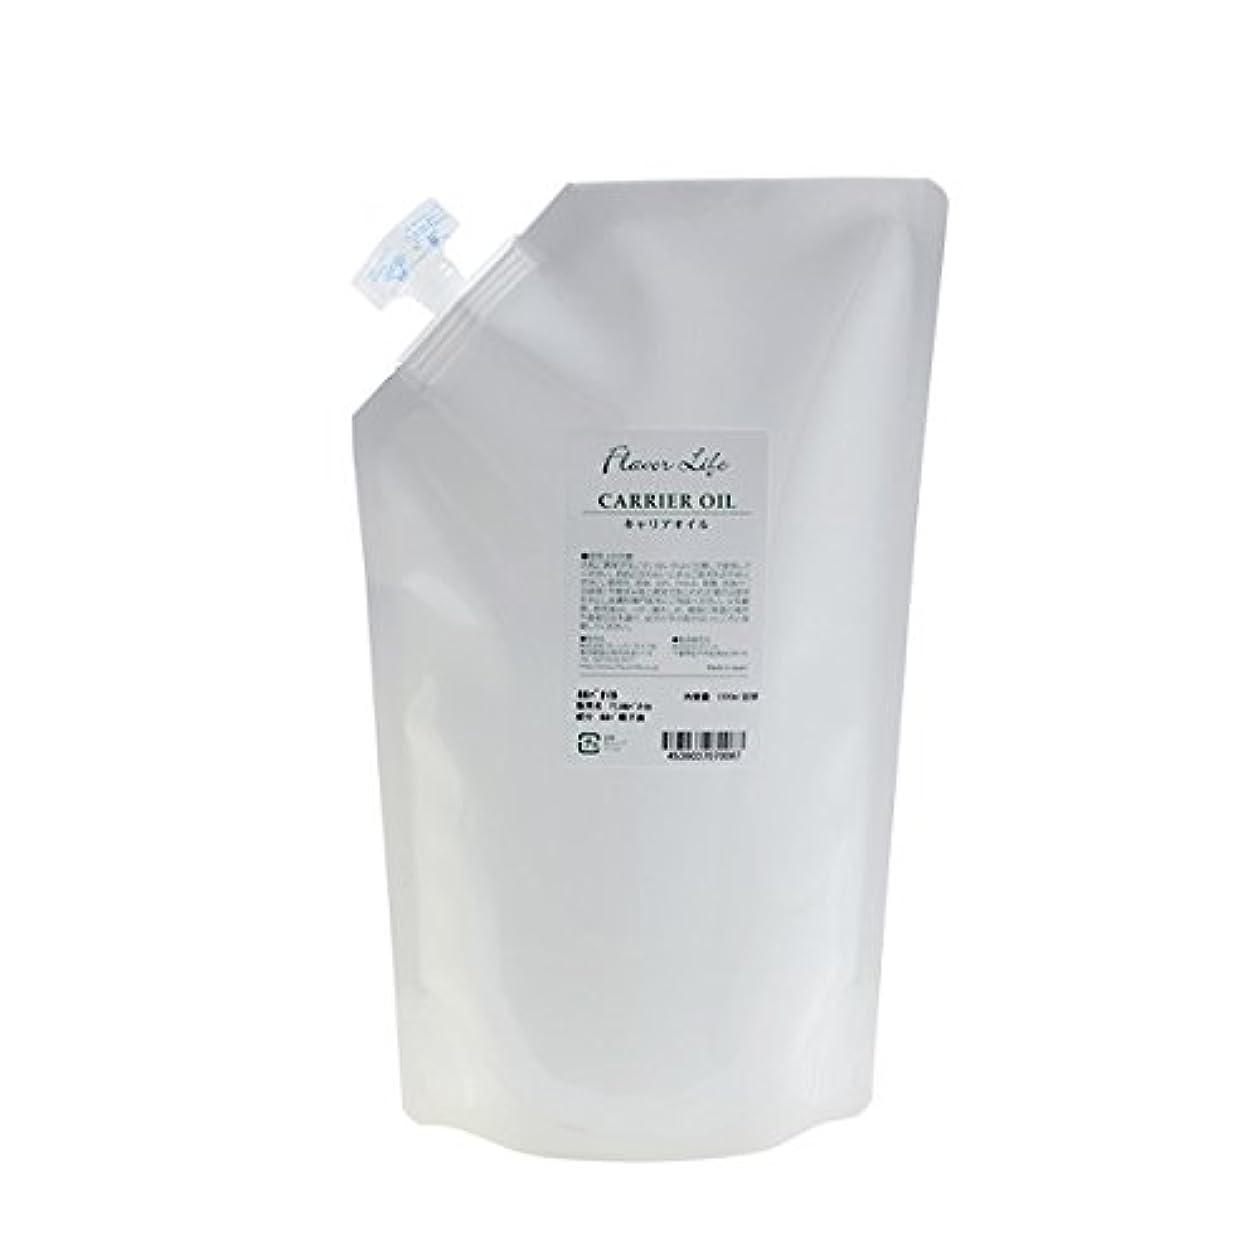 混乱したブリーフケース食品フレーバーライフ グレープシードオイル 1000ml詰替用(キャリアオイル)